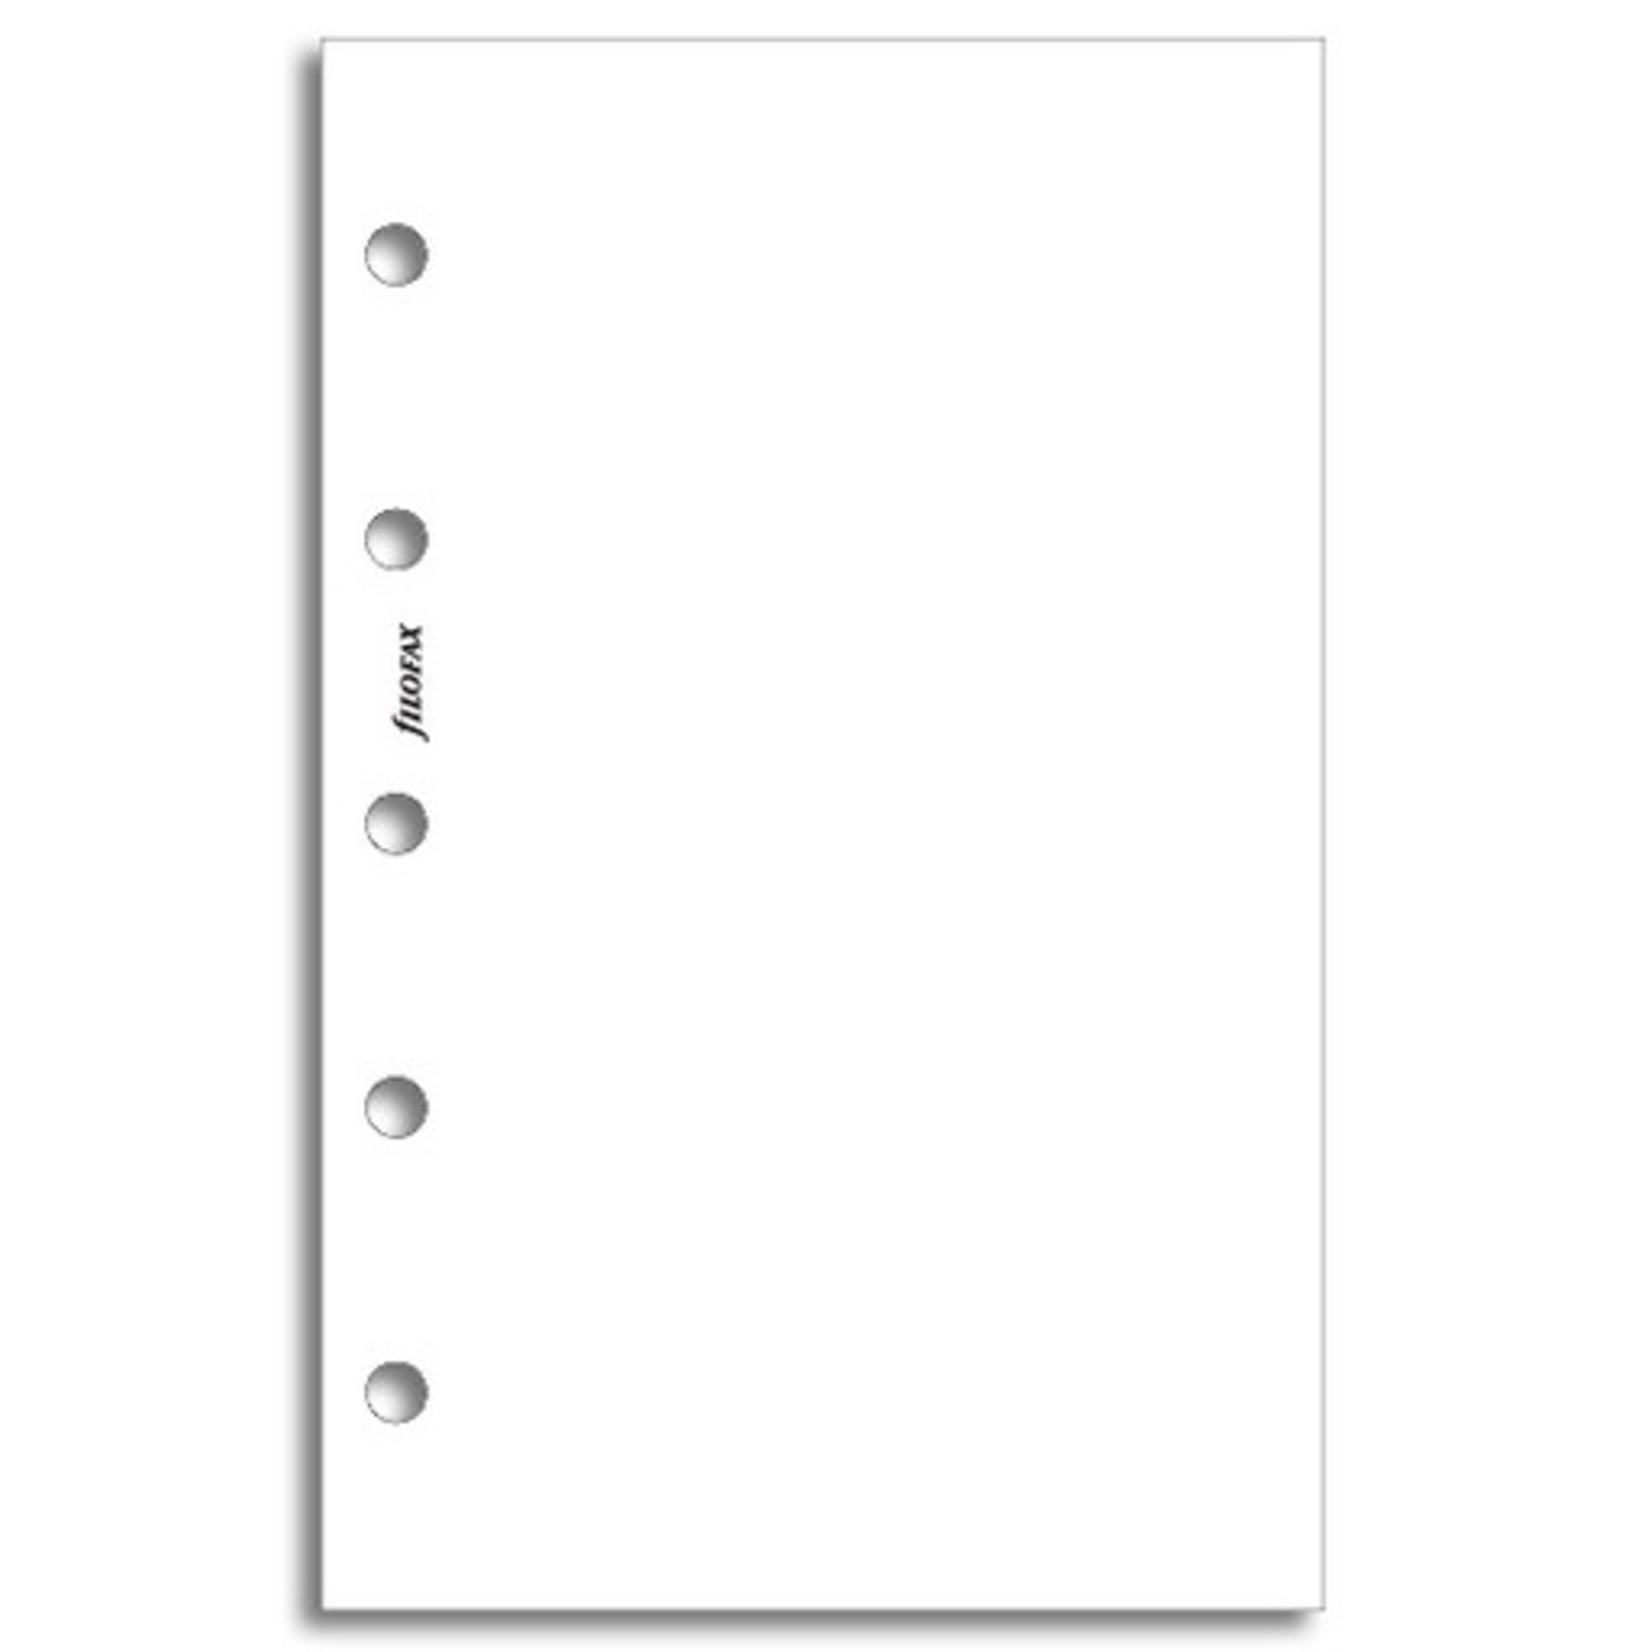 Filofax Filofax Einlage Mini, Papier glatt weiß